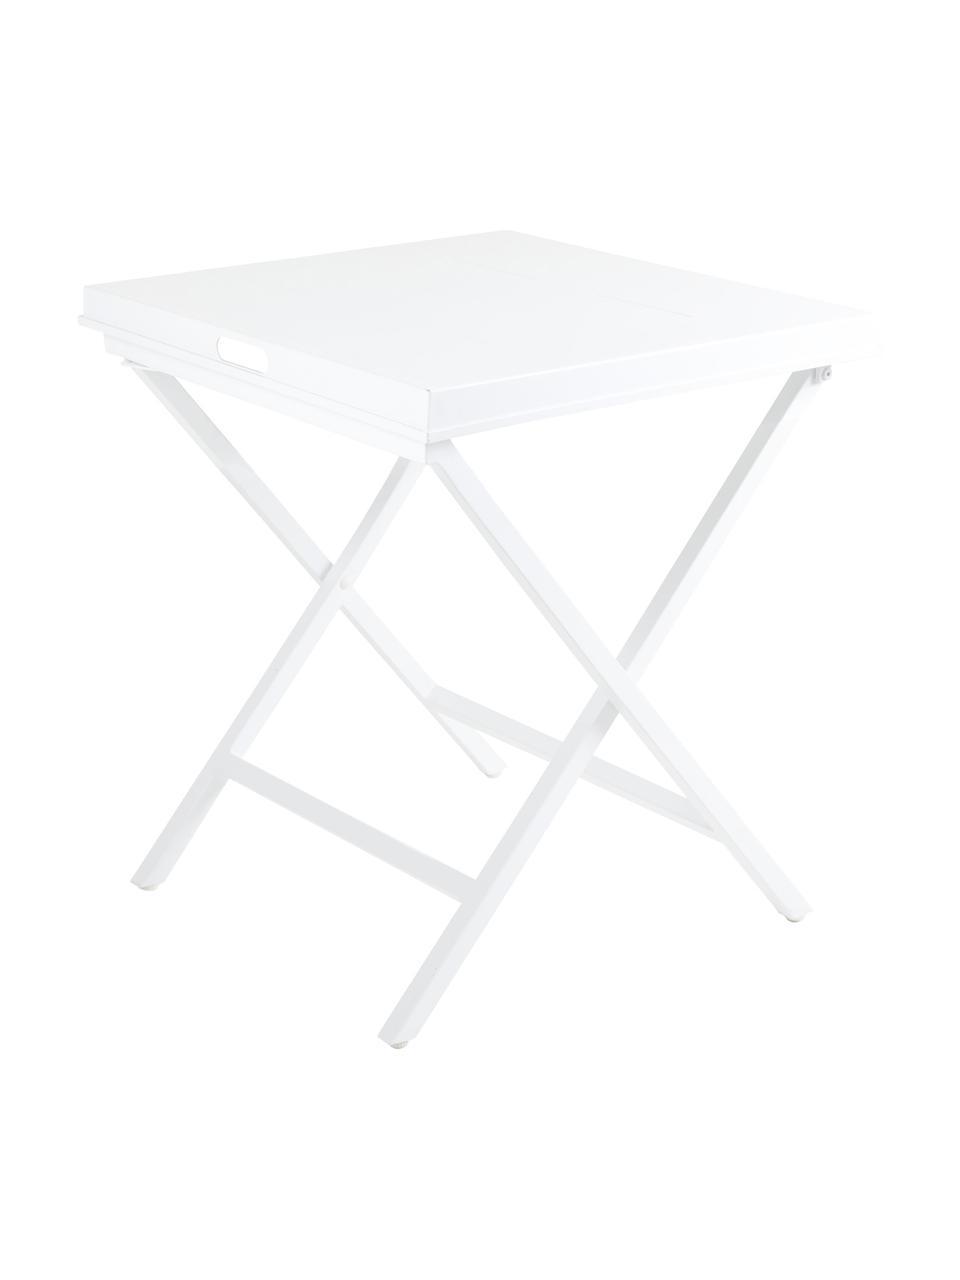 Składany stolik-taca Vero, Aluminium powlekane, Biały, matowy, S 60 x W 70 cm